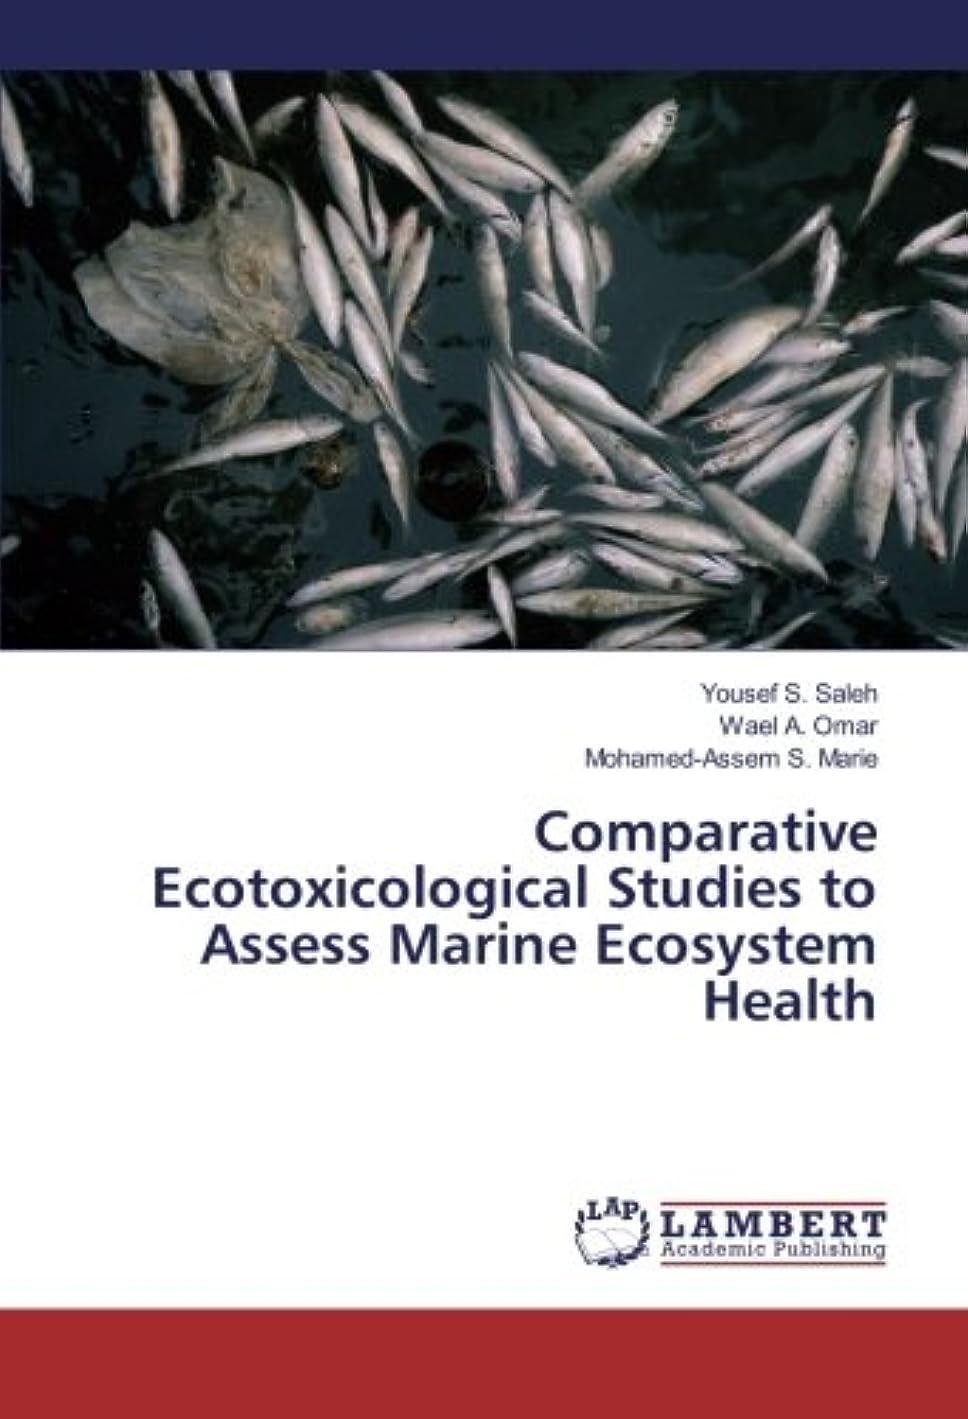 電気の分散その結果Comparative Ecotoxicological Studies to Assess Marine Ecosystem Health